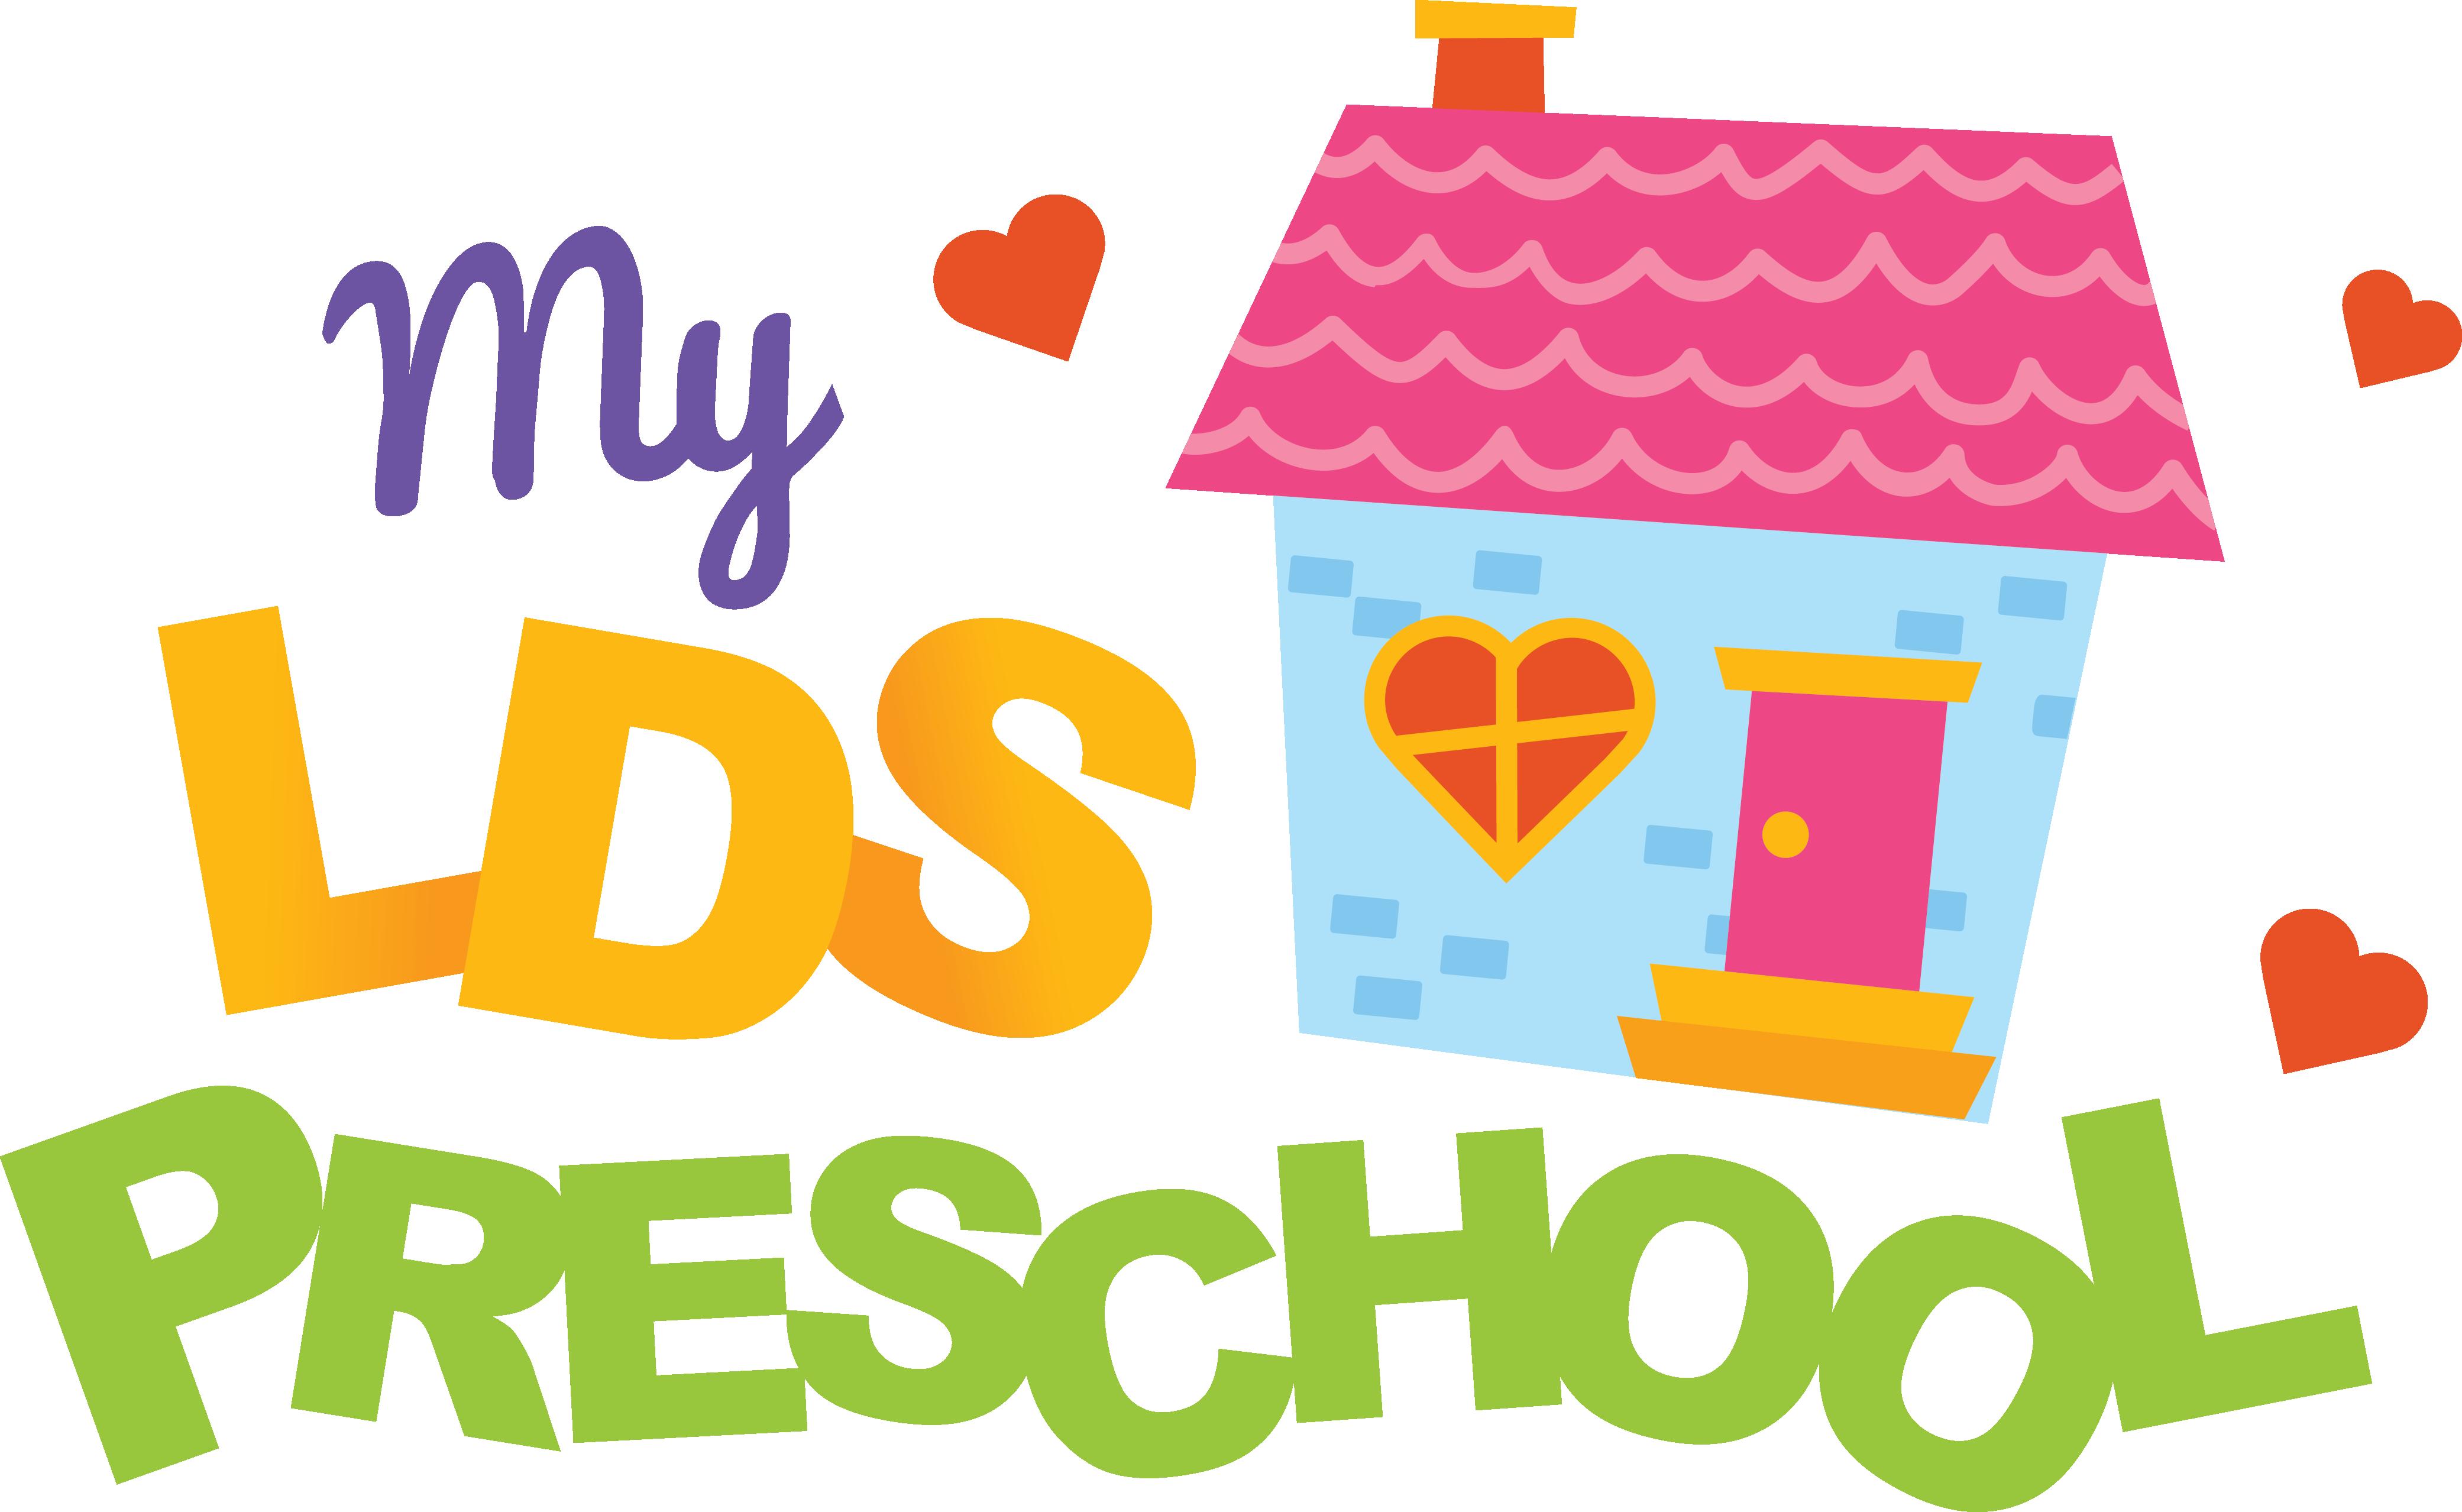 Lds clipart faith. My preschool home